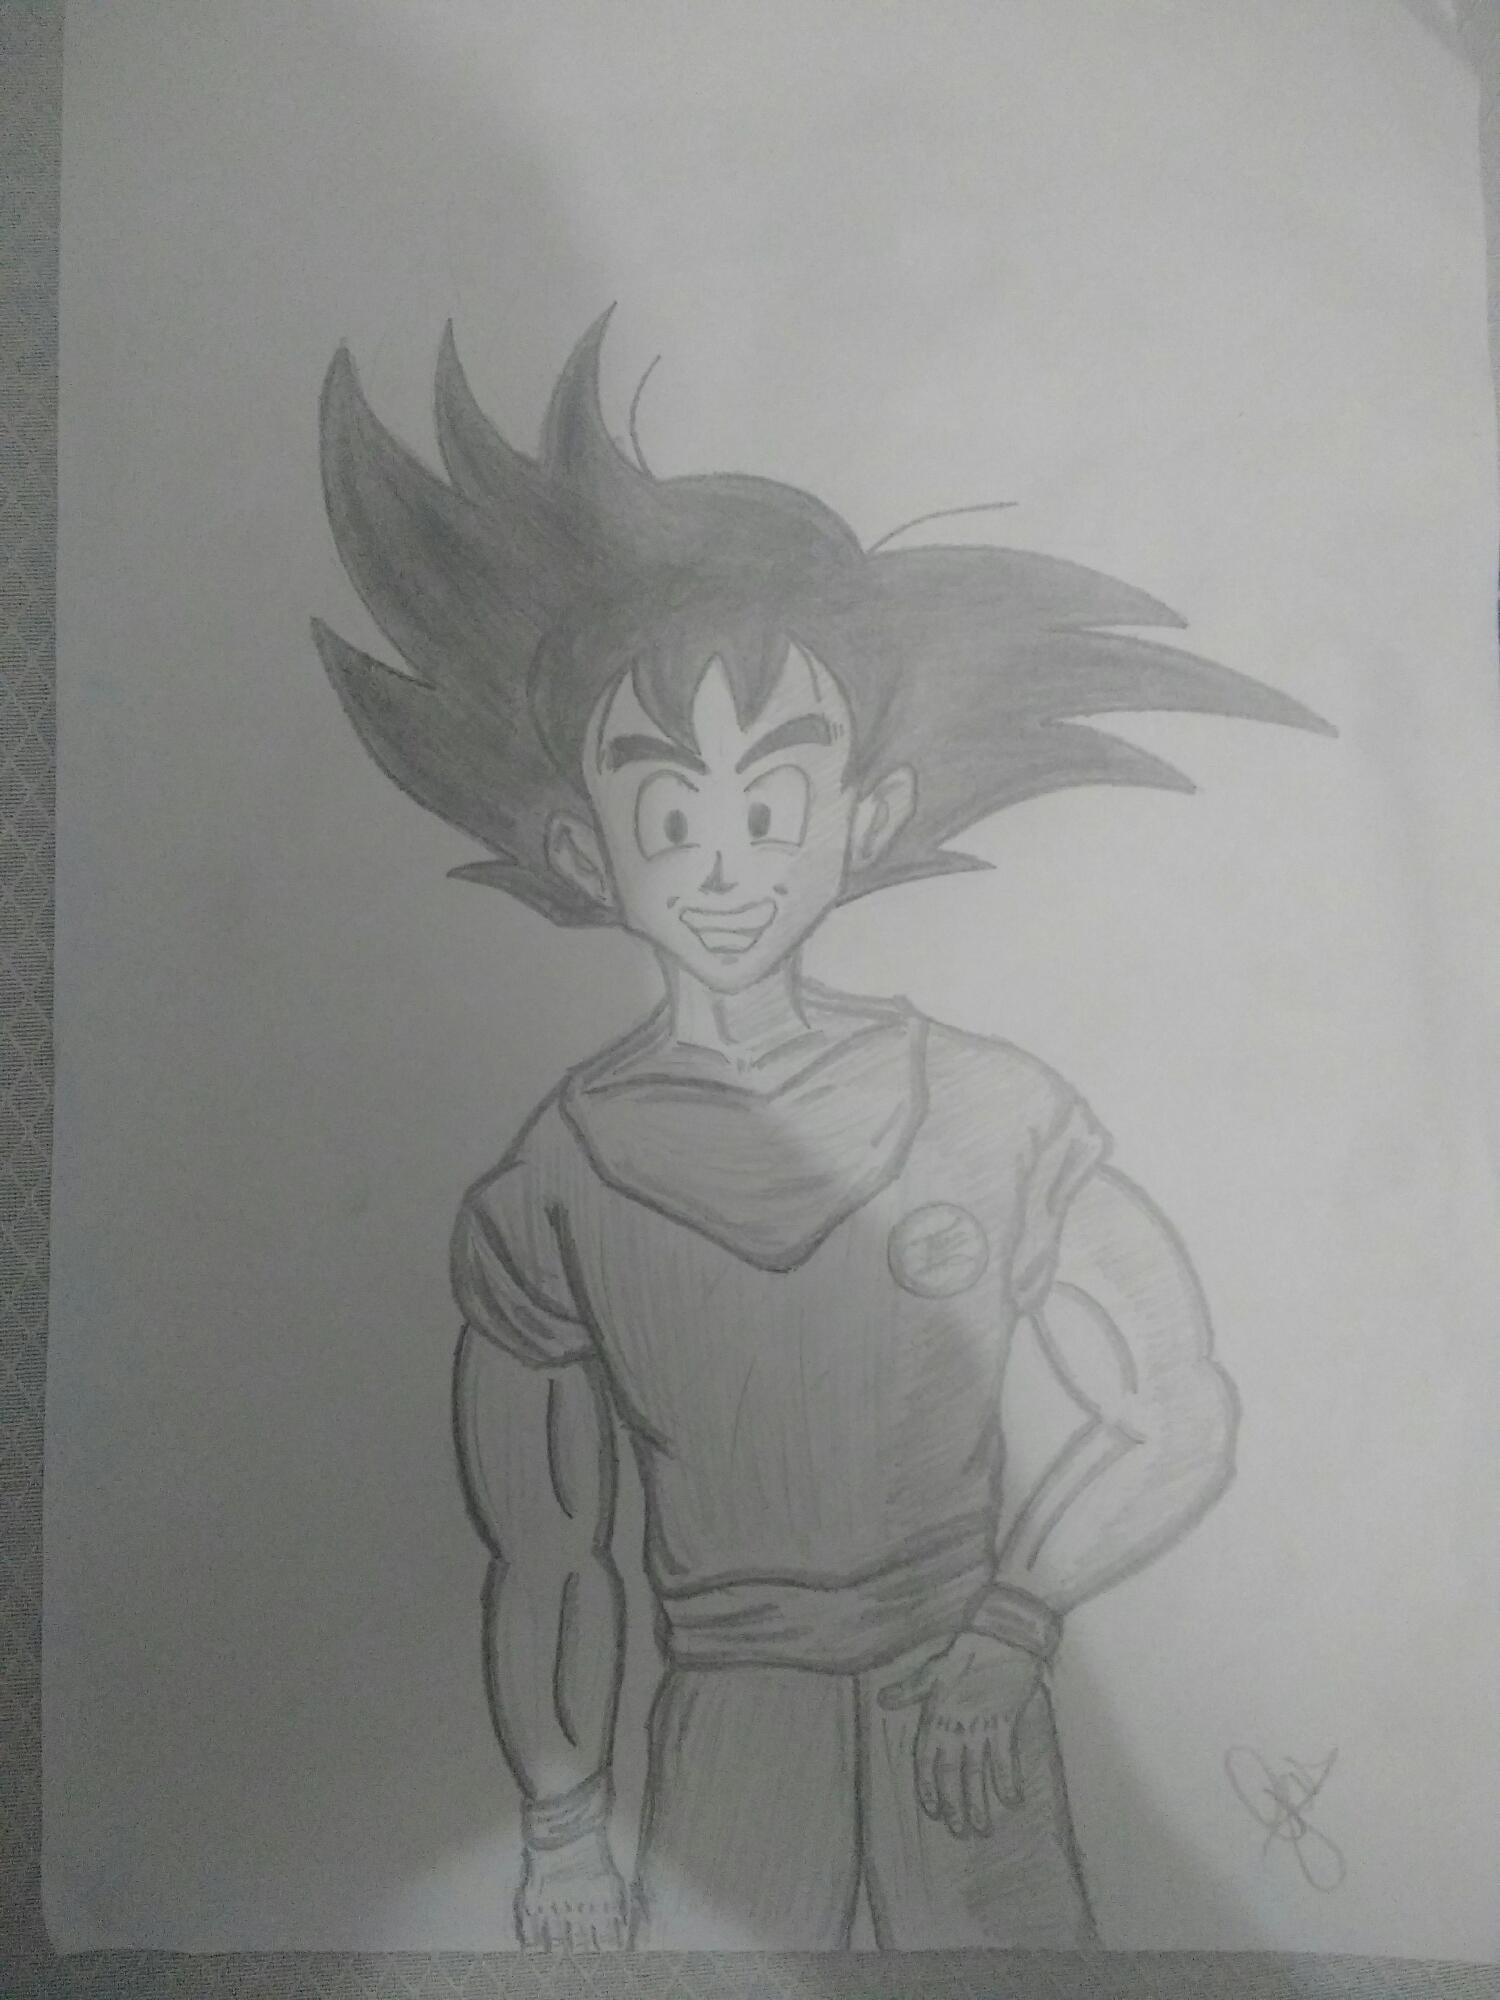 Goku do final de Dragonball e início de DBZ